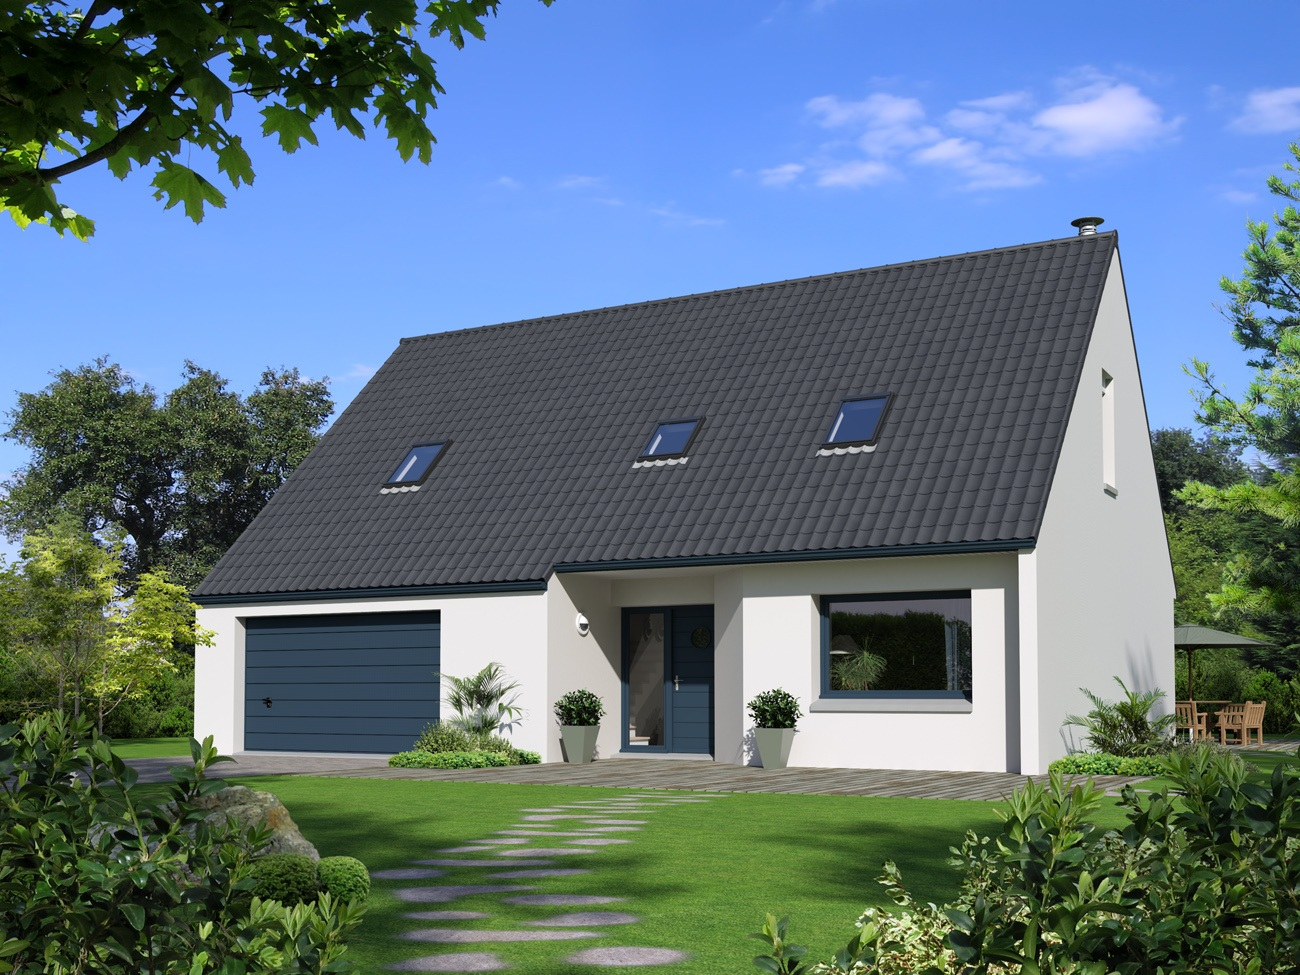 Maisons + Terrains du constructeur Maison Familiale Amiens • 107 m² • FLERS SUR NOYE